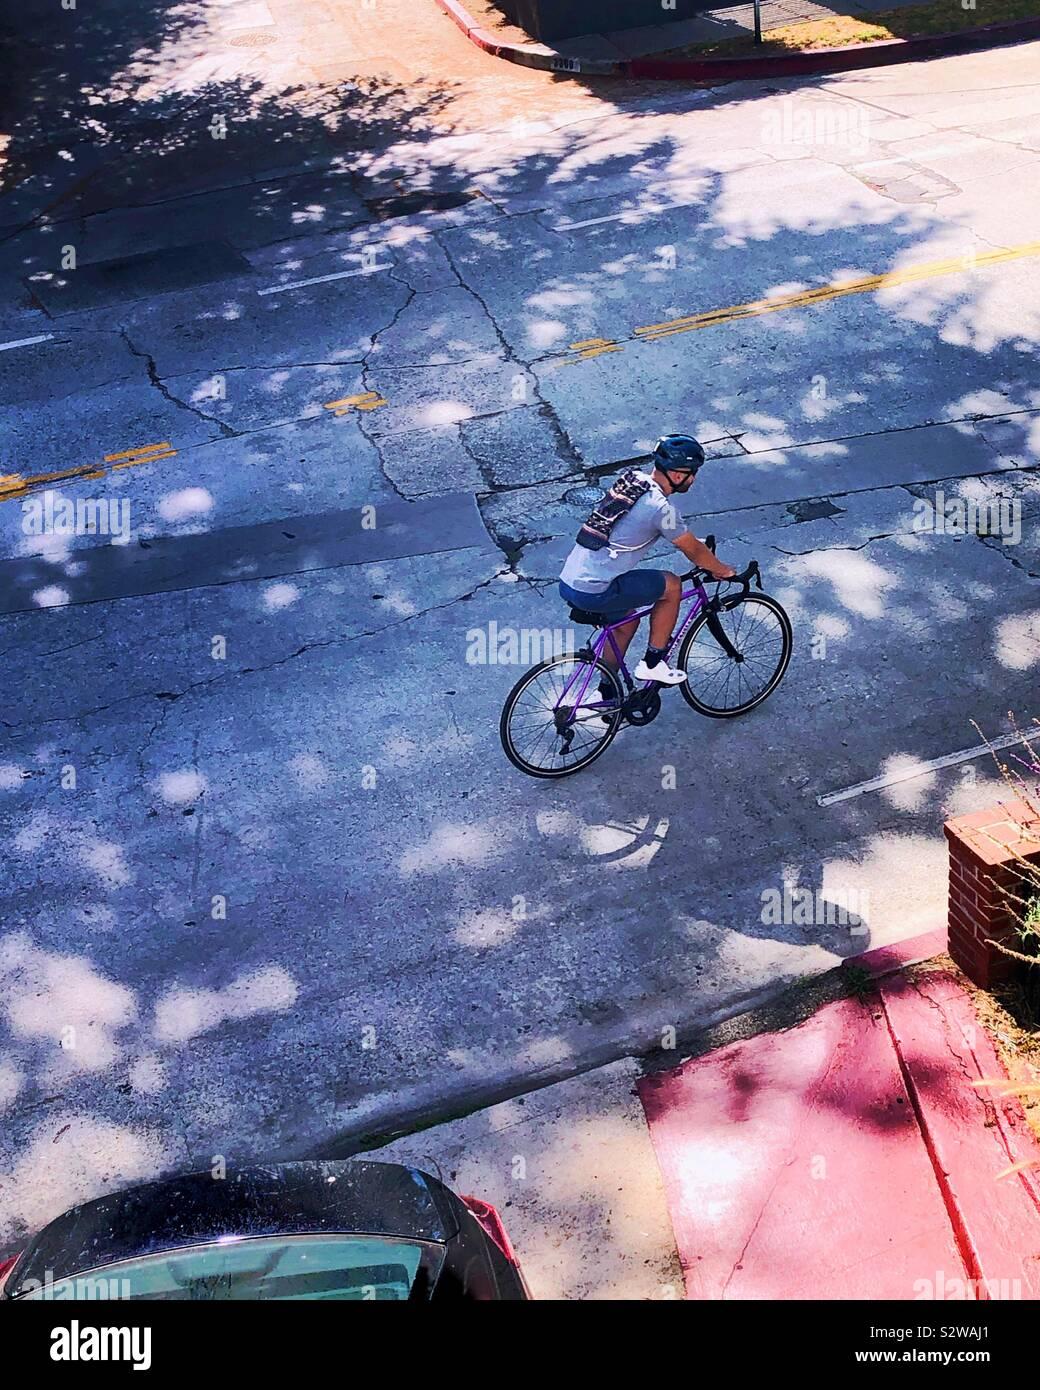 Un solitario ciclista que aparece aumenta la pendiente pronunciada en frente de nuestra terraza. Foto de stock